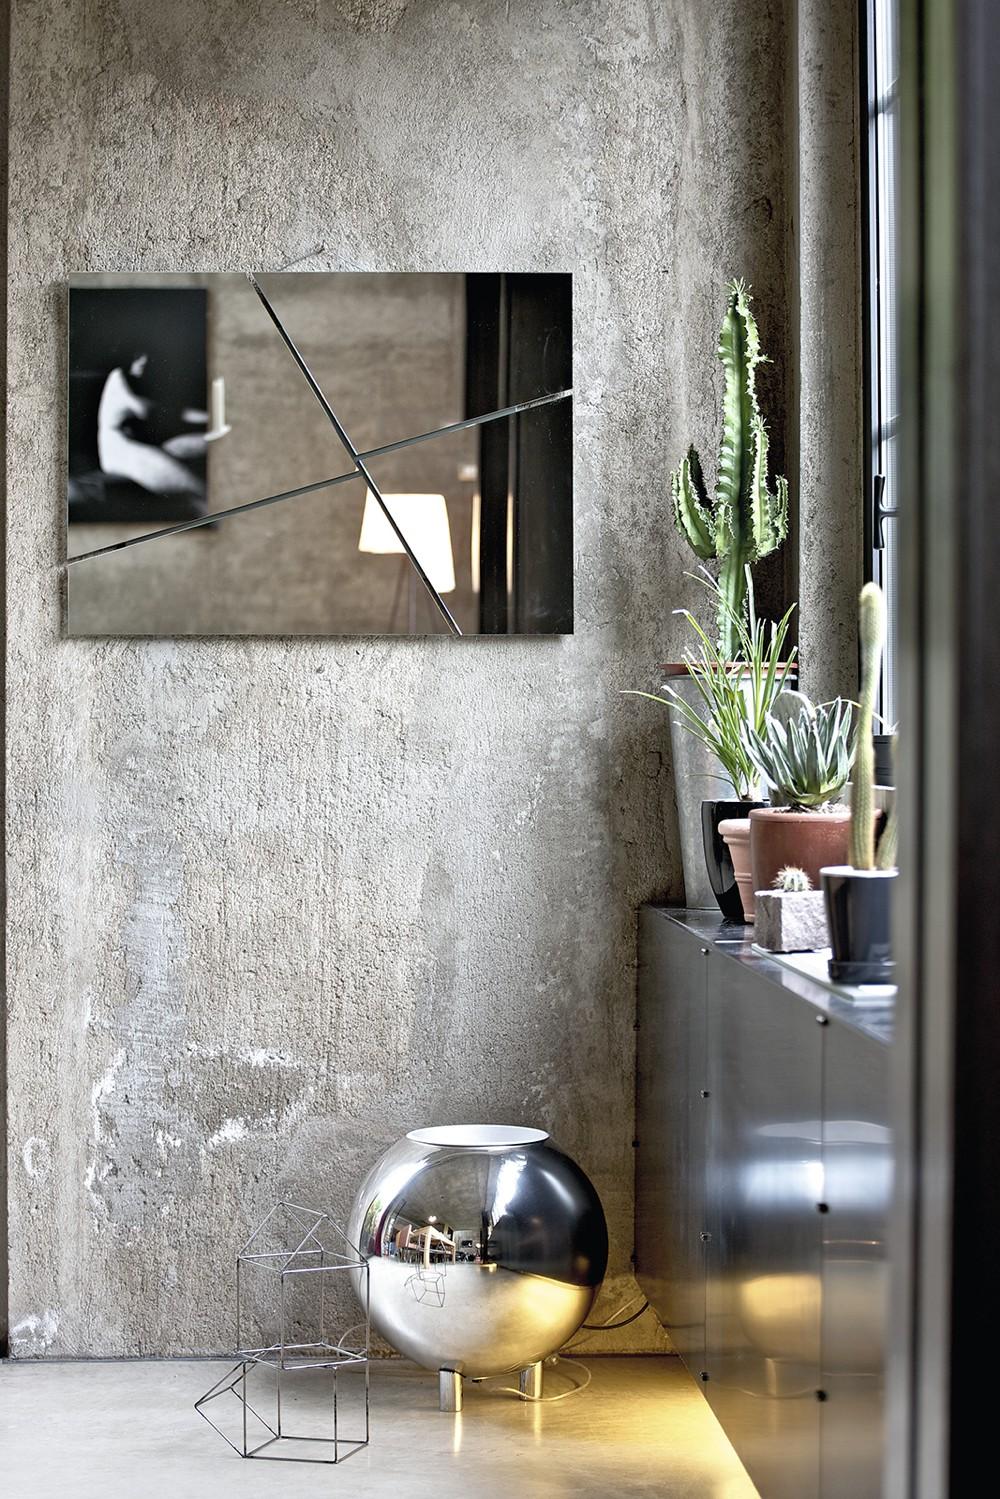 specchio-03